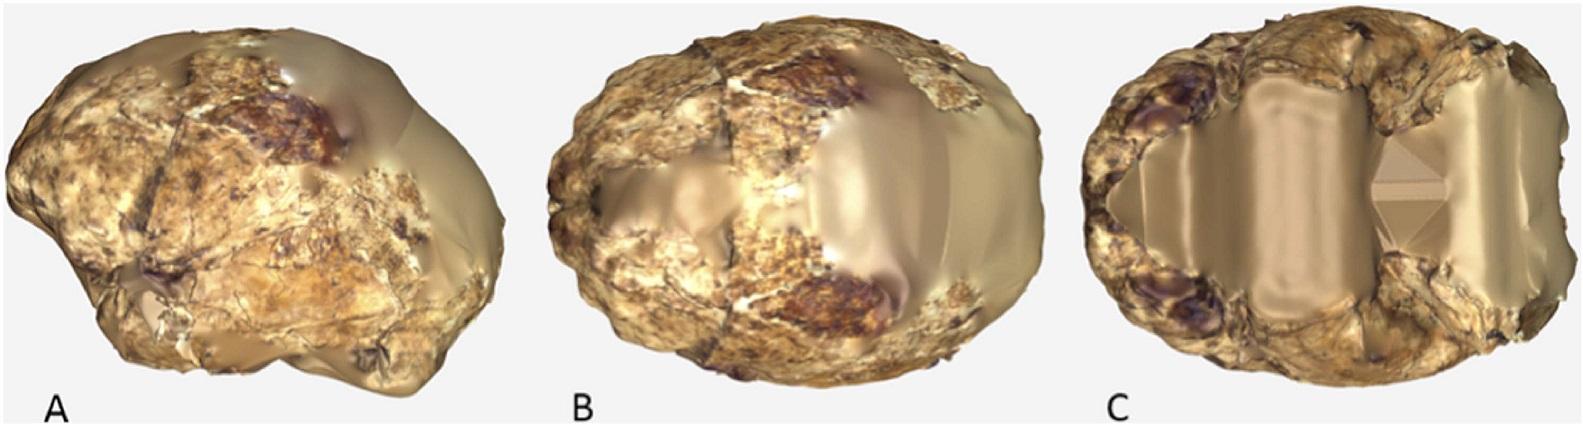 Rekonstrukce endokrania (vnitřního prostoru mozkovny), vytvořená na základě obou nálezů lebky (podle Berger et al., DOI: 10.7554/eLife.09560.024)